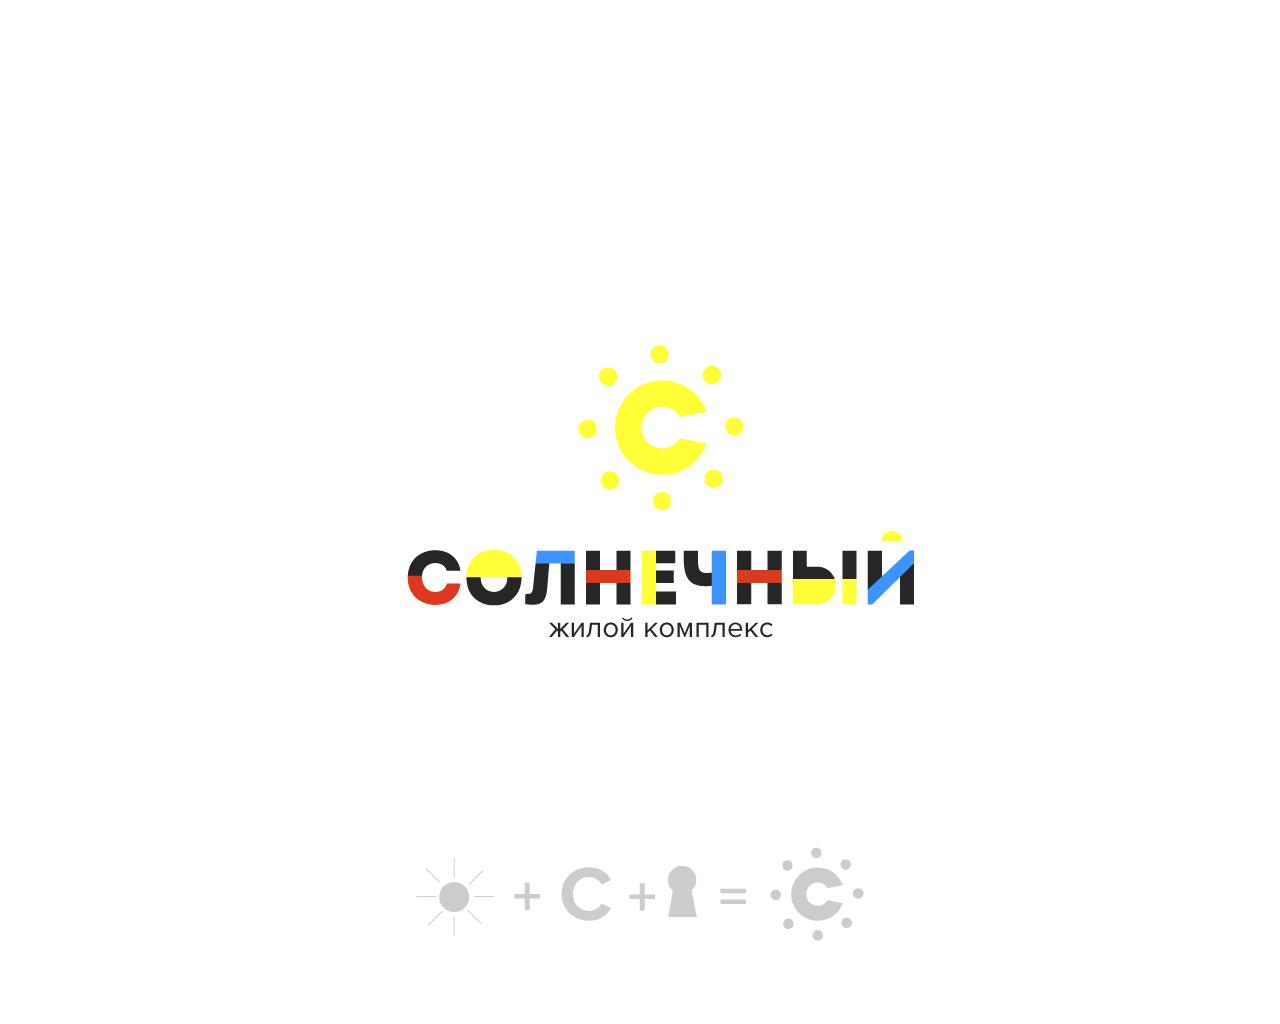 Разработка логотипа и фирменный стиль фото f_376596f1ed7251a9.jpg